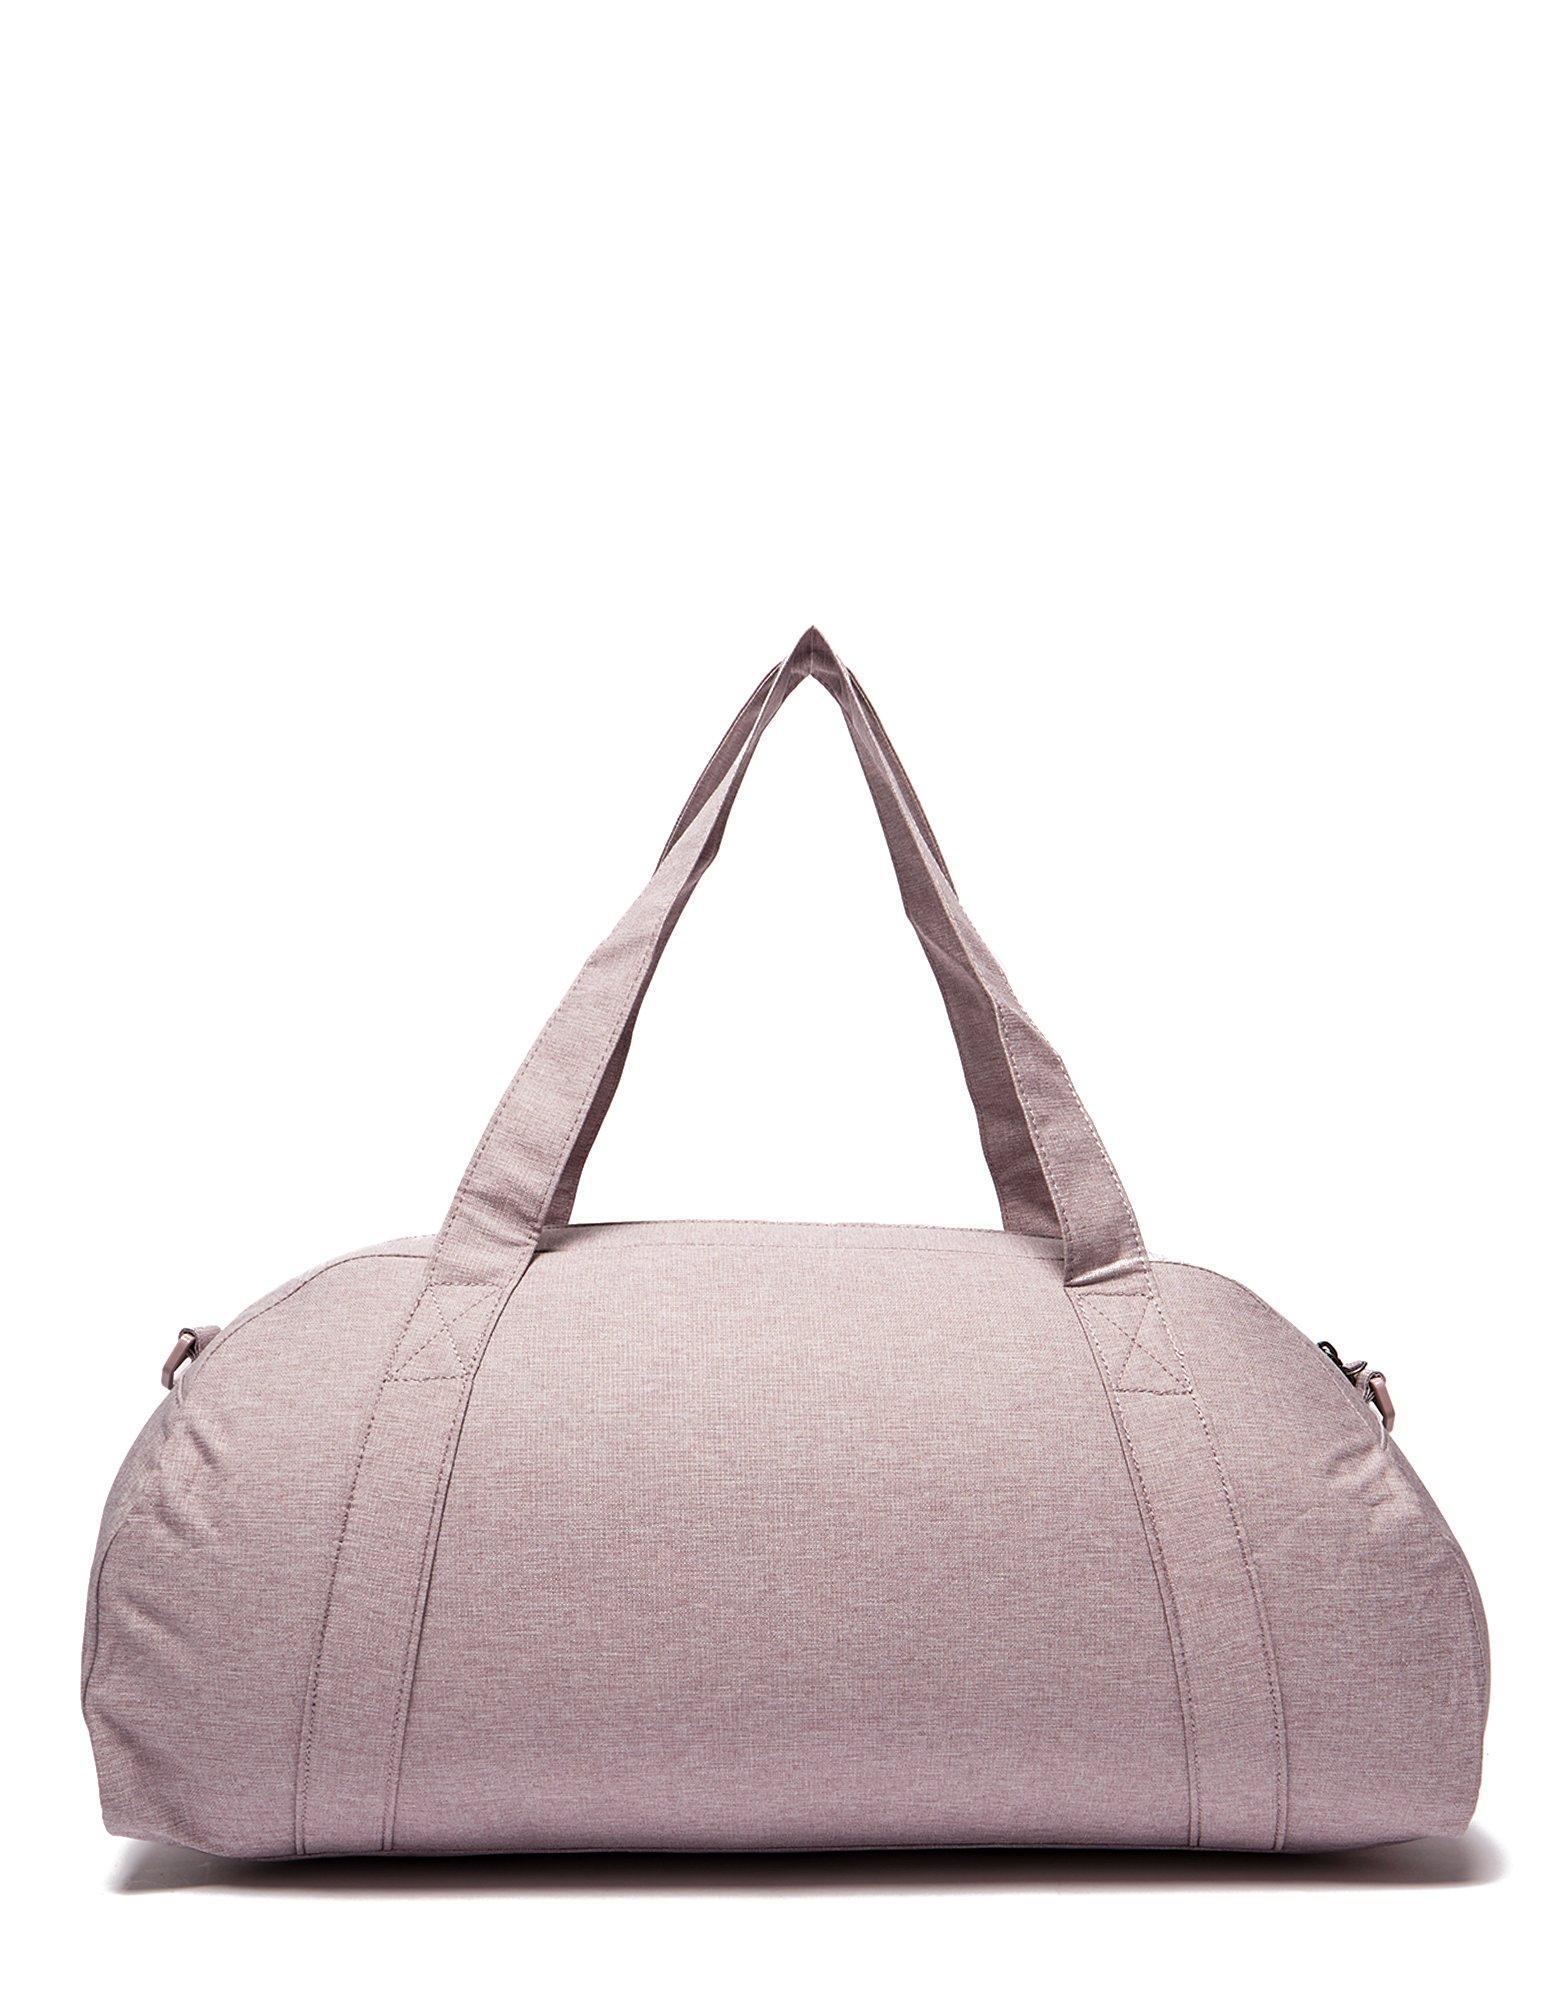 d04def20b2ff Lyst - Nike Gym Club Training Duffle Bag in Pink for Men